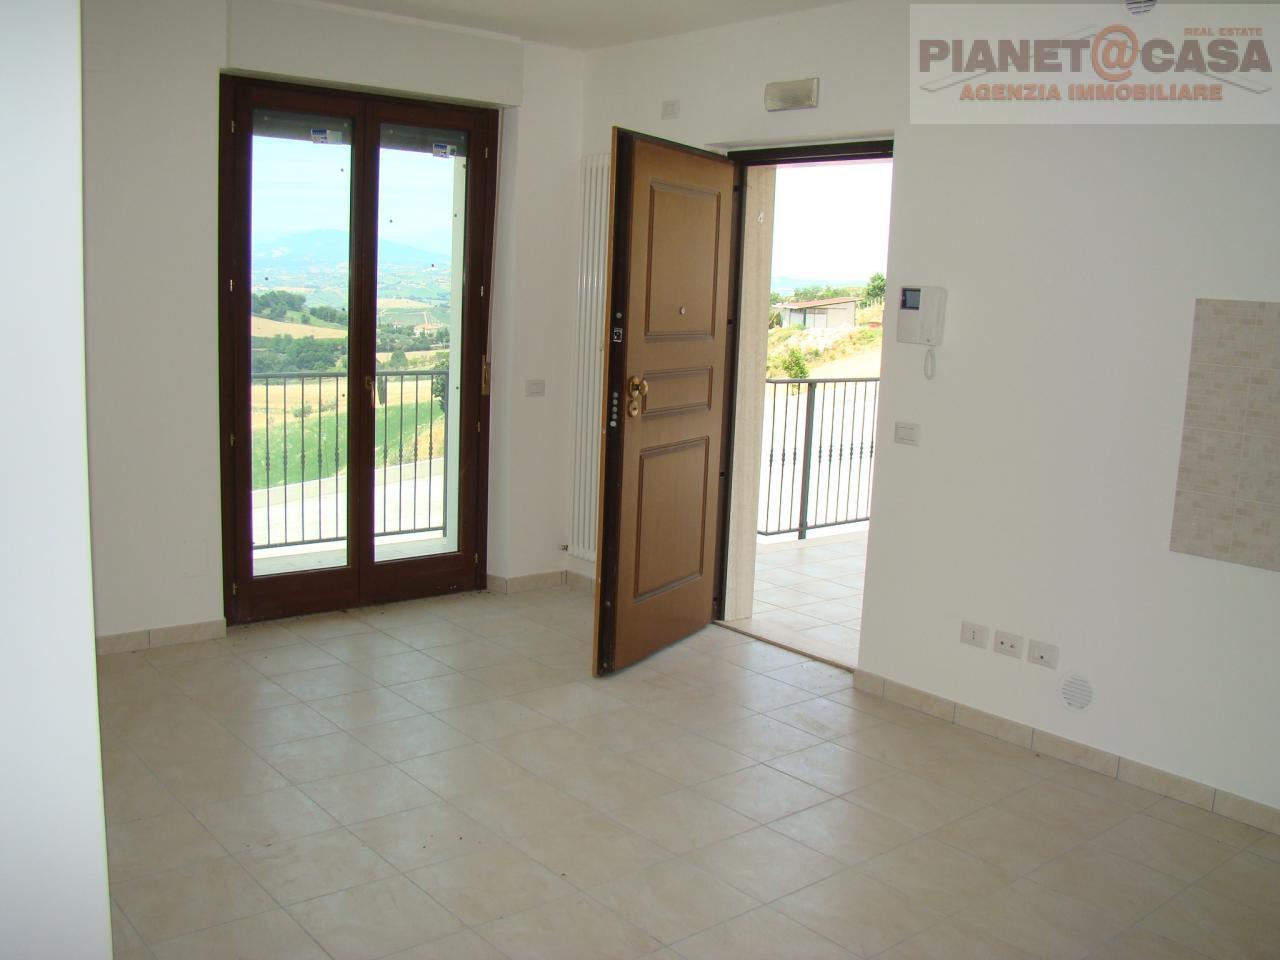 Appartamento in vendita a Acquaviva Picena, 2 locali, prezzo € 105.000   CambioCasa.it